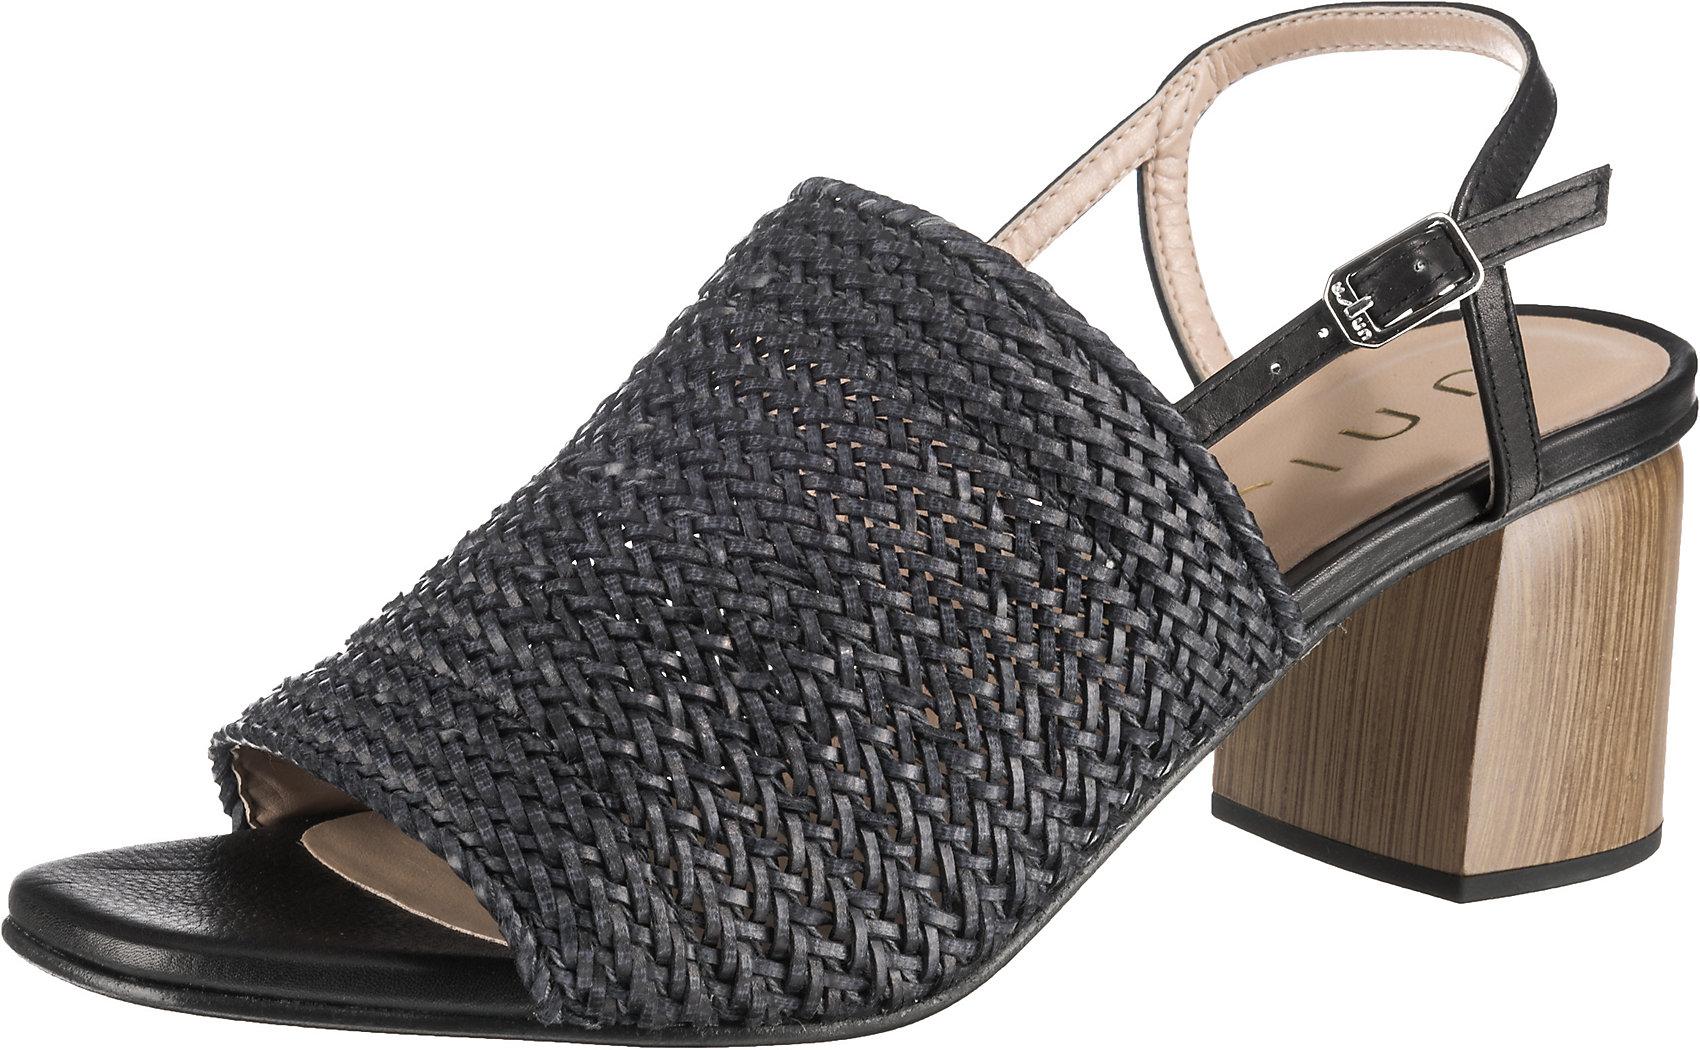 Details zu Neu Unisa Klassische Sandaletten 10492443 für Damen schwarz khaki